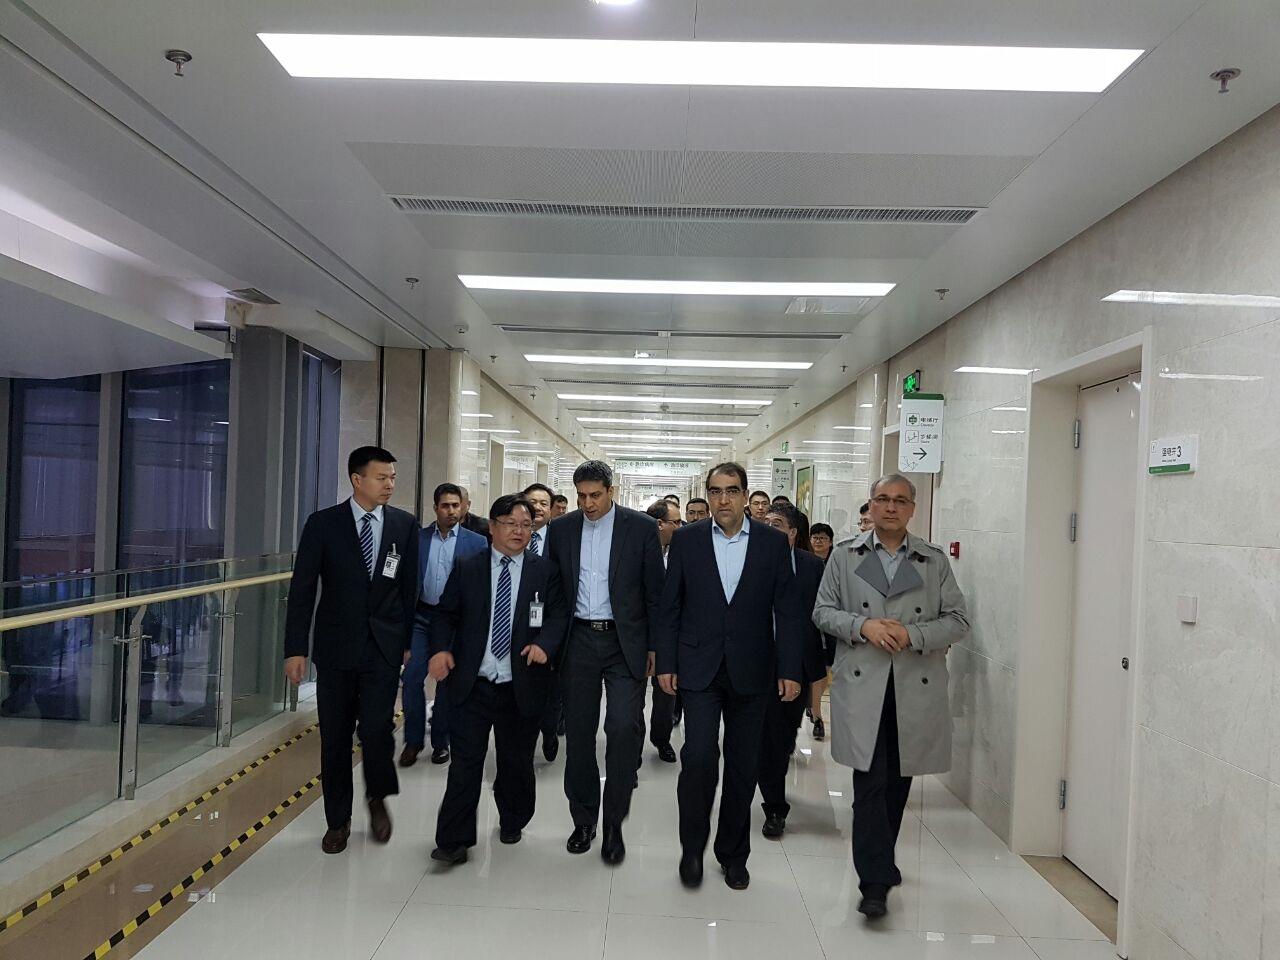 بازدید وزیر بهداشت از بیمارستان سوجو در شانگهای چین